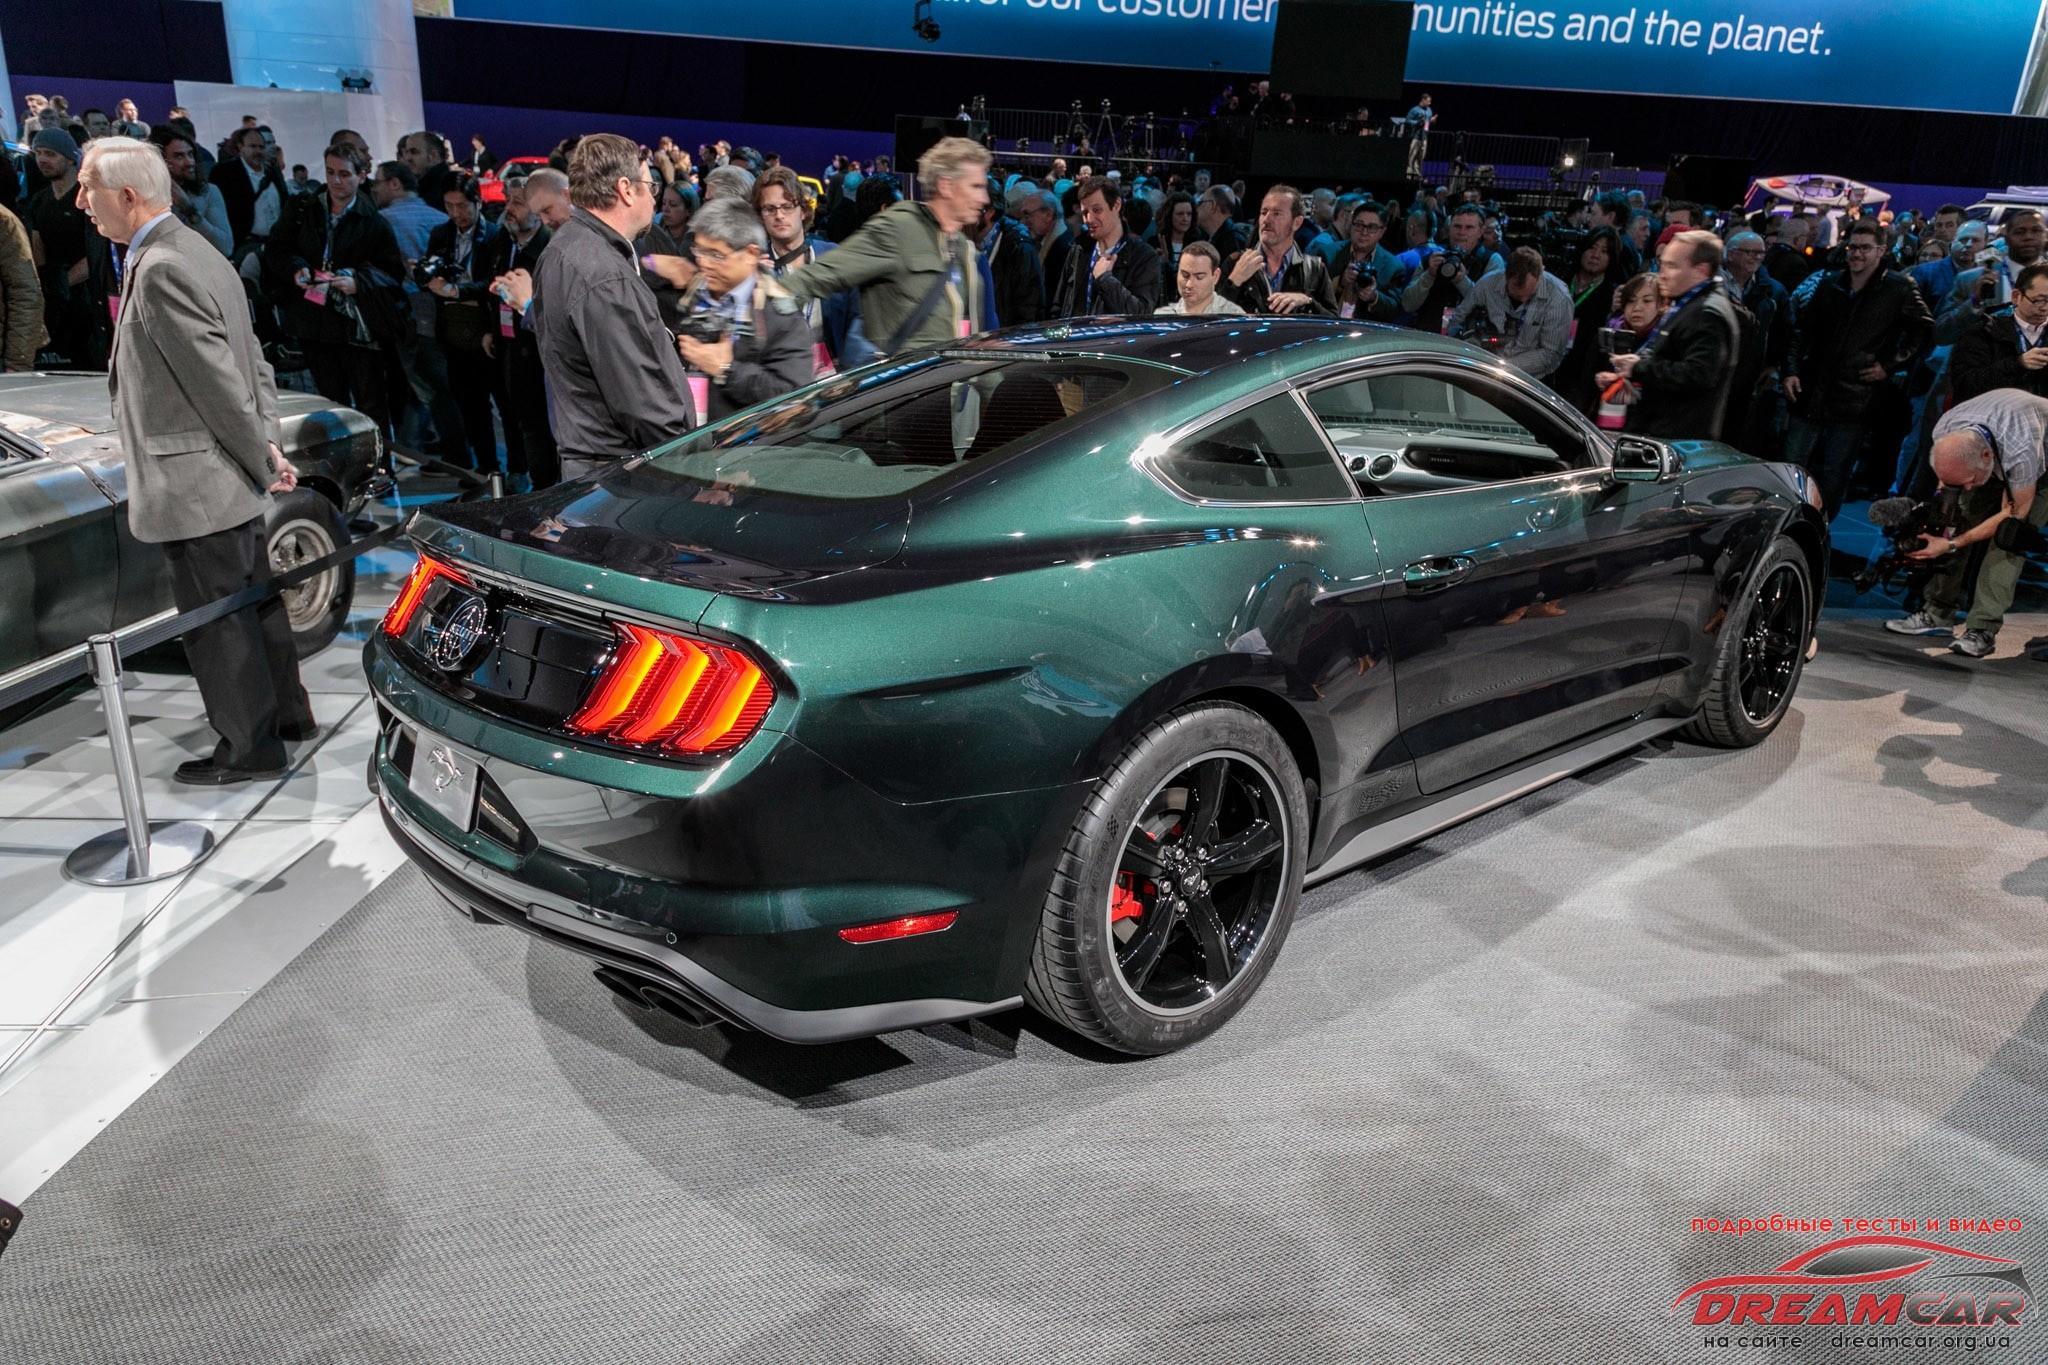 2019-Ford-Mustang-Bullitt